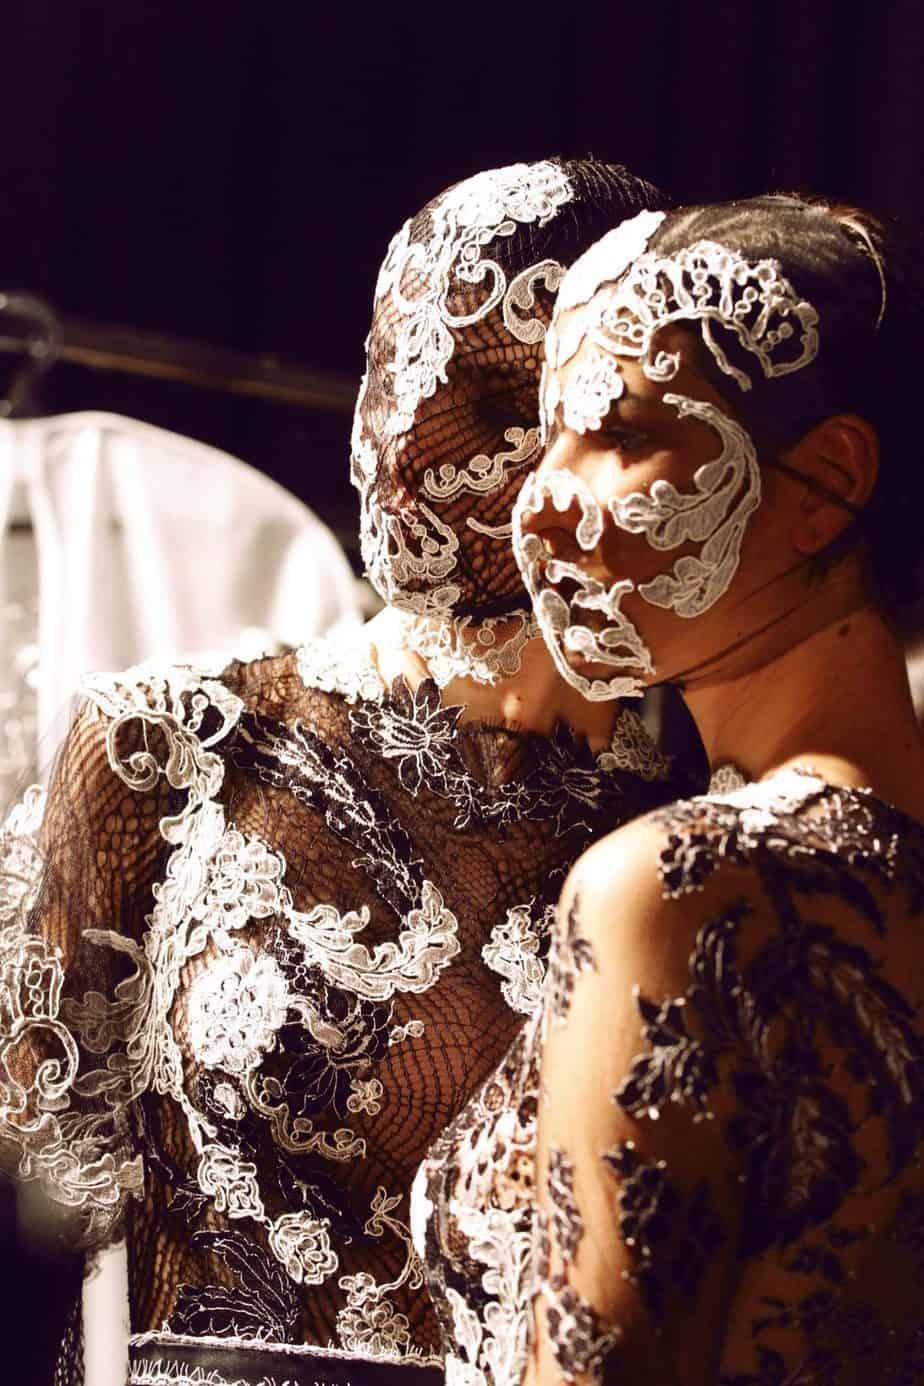 אלון ליבנה. שבוע האופנה תל אביב 2019. צילום עומר רביבי - 6